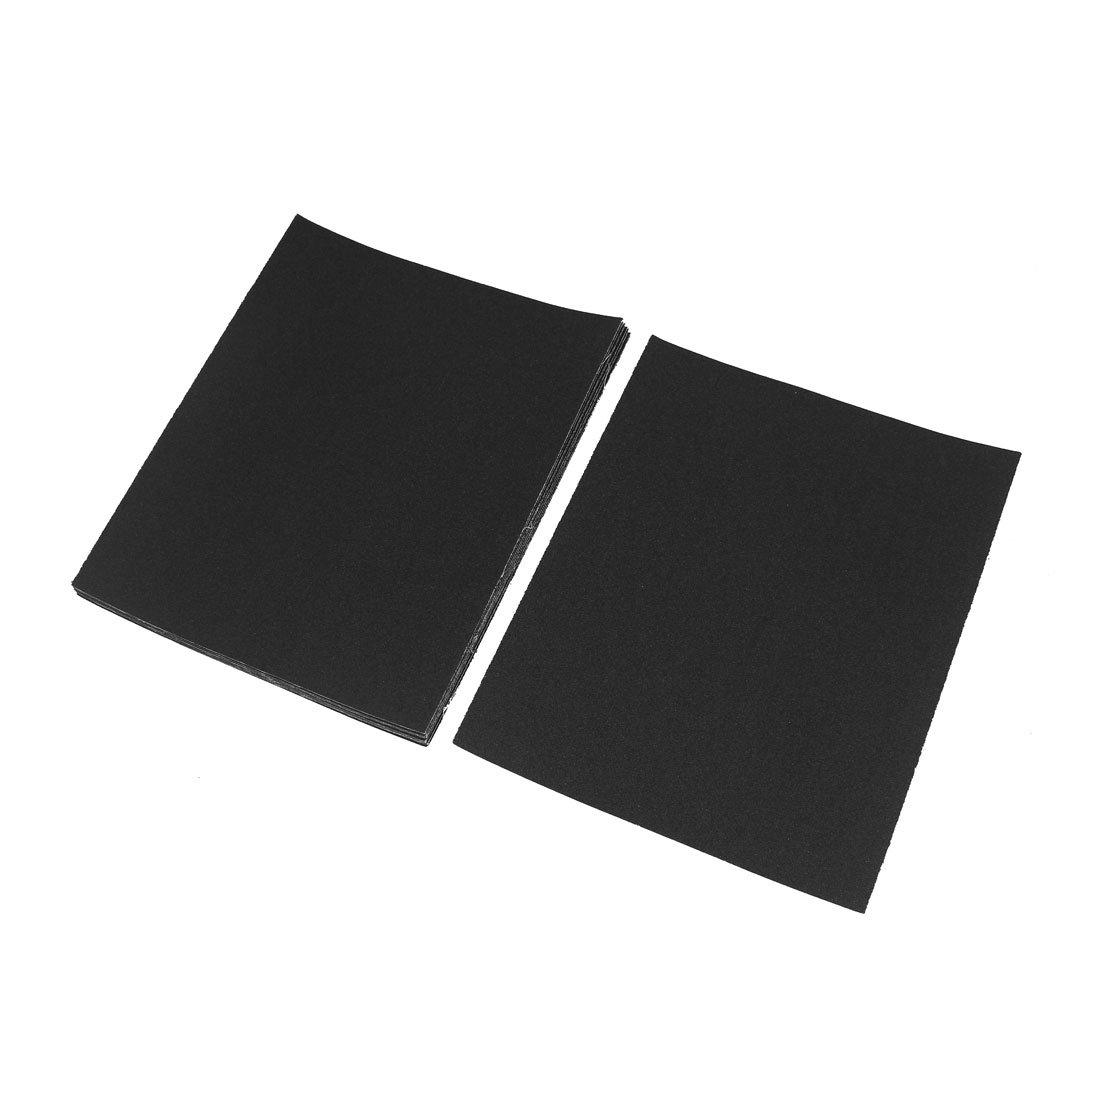 Aexit 120 Grit Abrasive Wheels & Discs Square Aluminum Oxide Sandpaper Sanding Sheets Gray Flap Wheels 10 Pcs